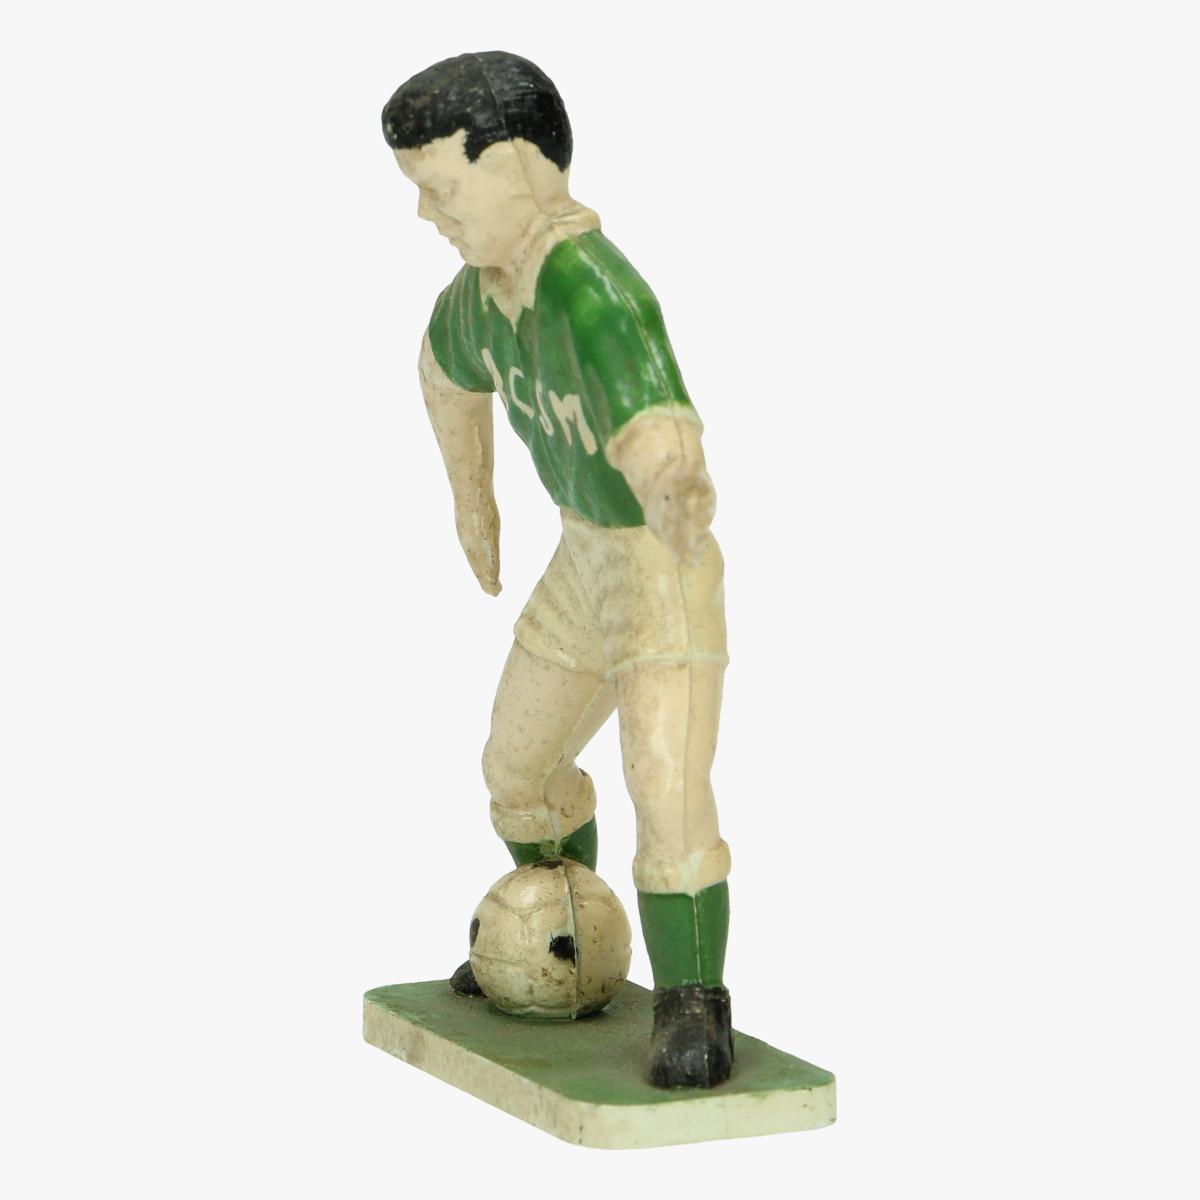 Afbeeldingen van kunstof beeldje voetballe rscm 9 cm groot